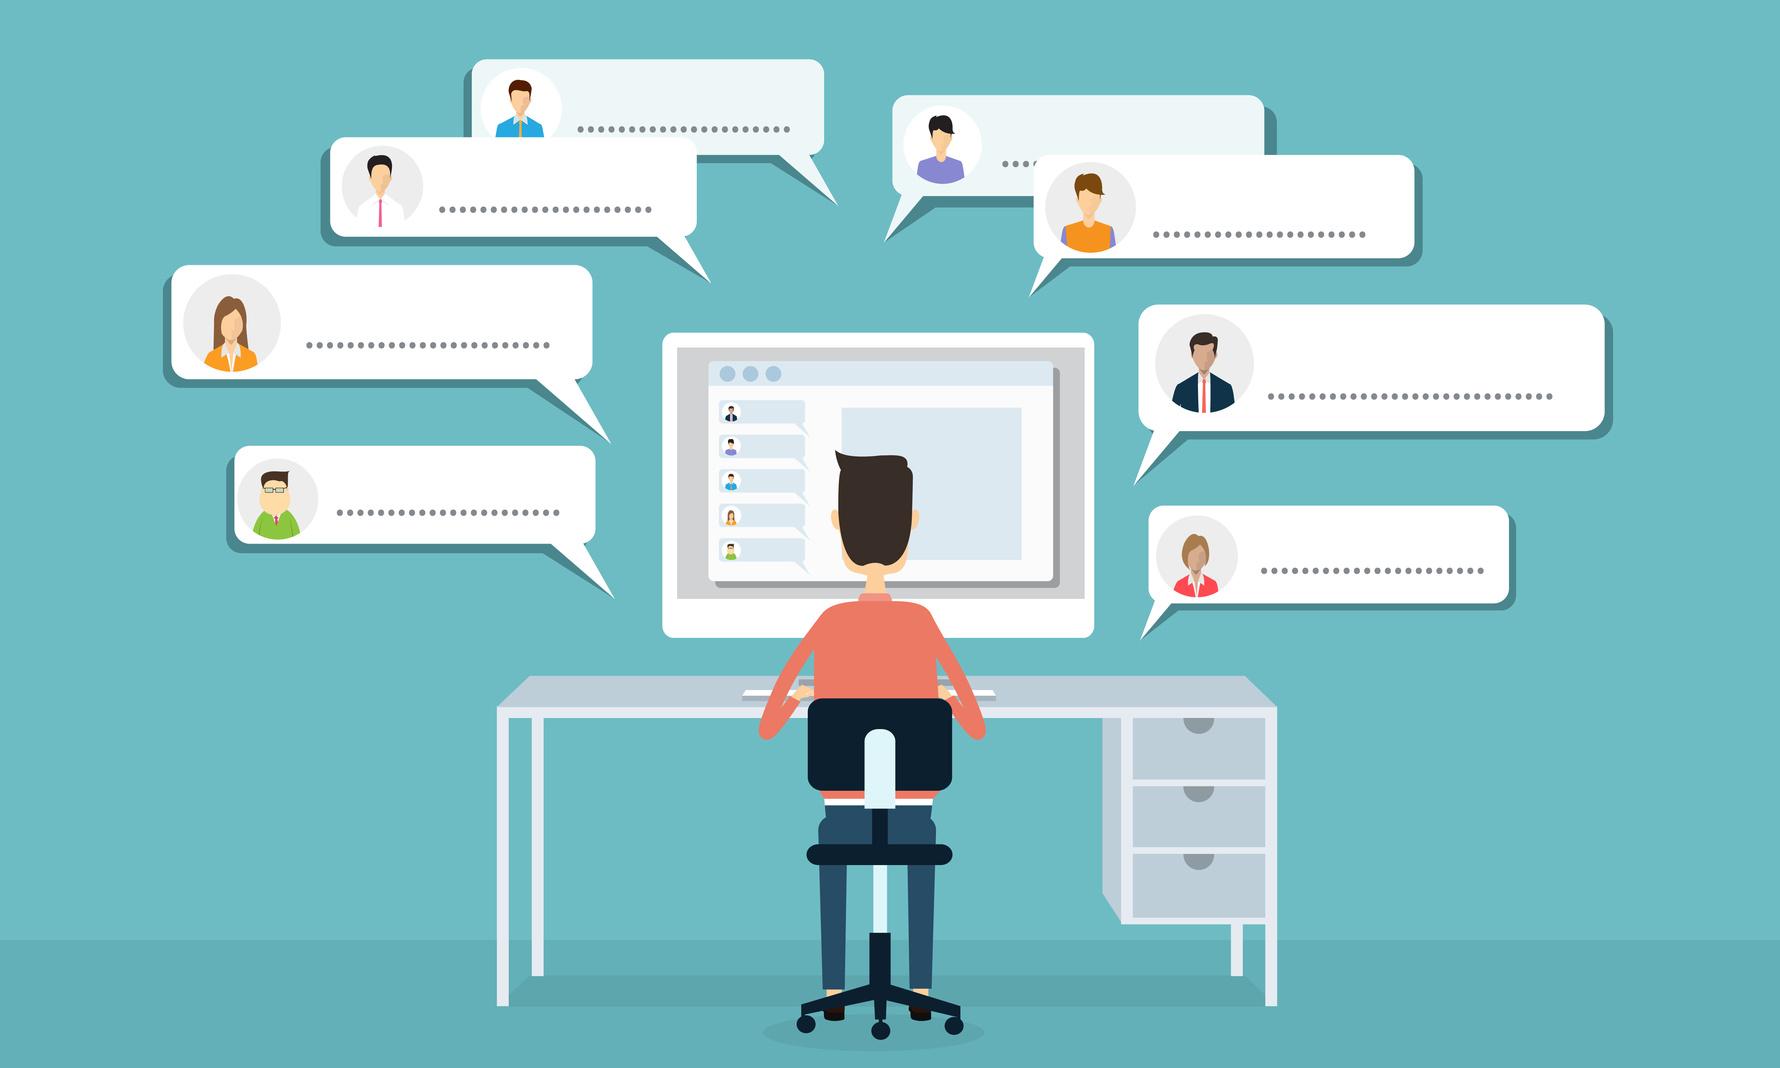 come-creare-un-social-network-con-wordpress